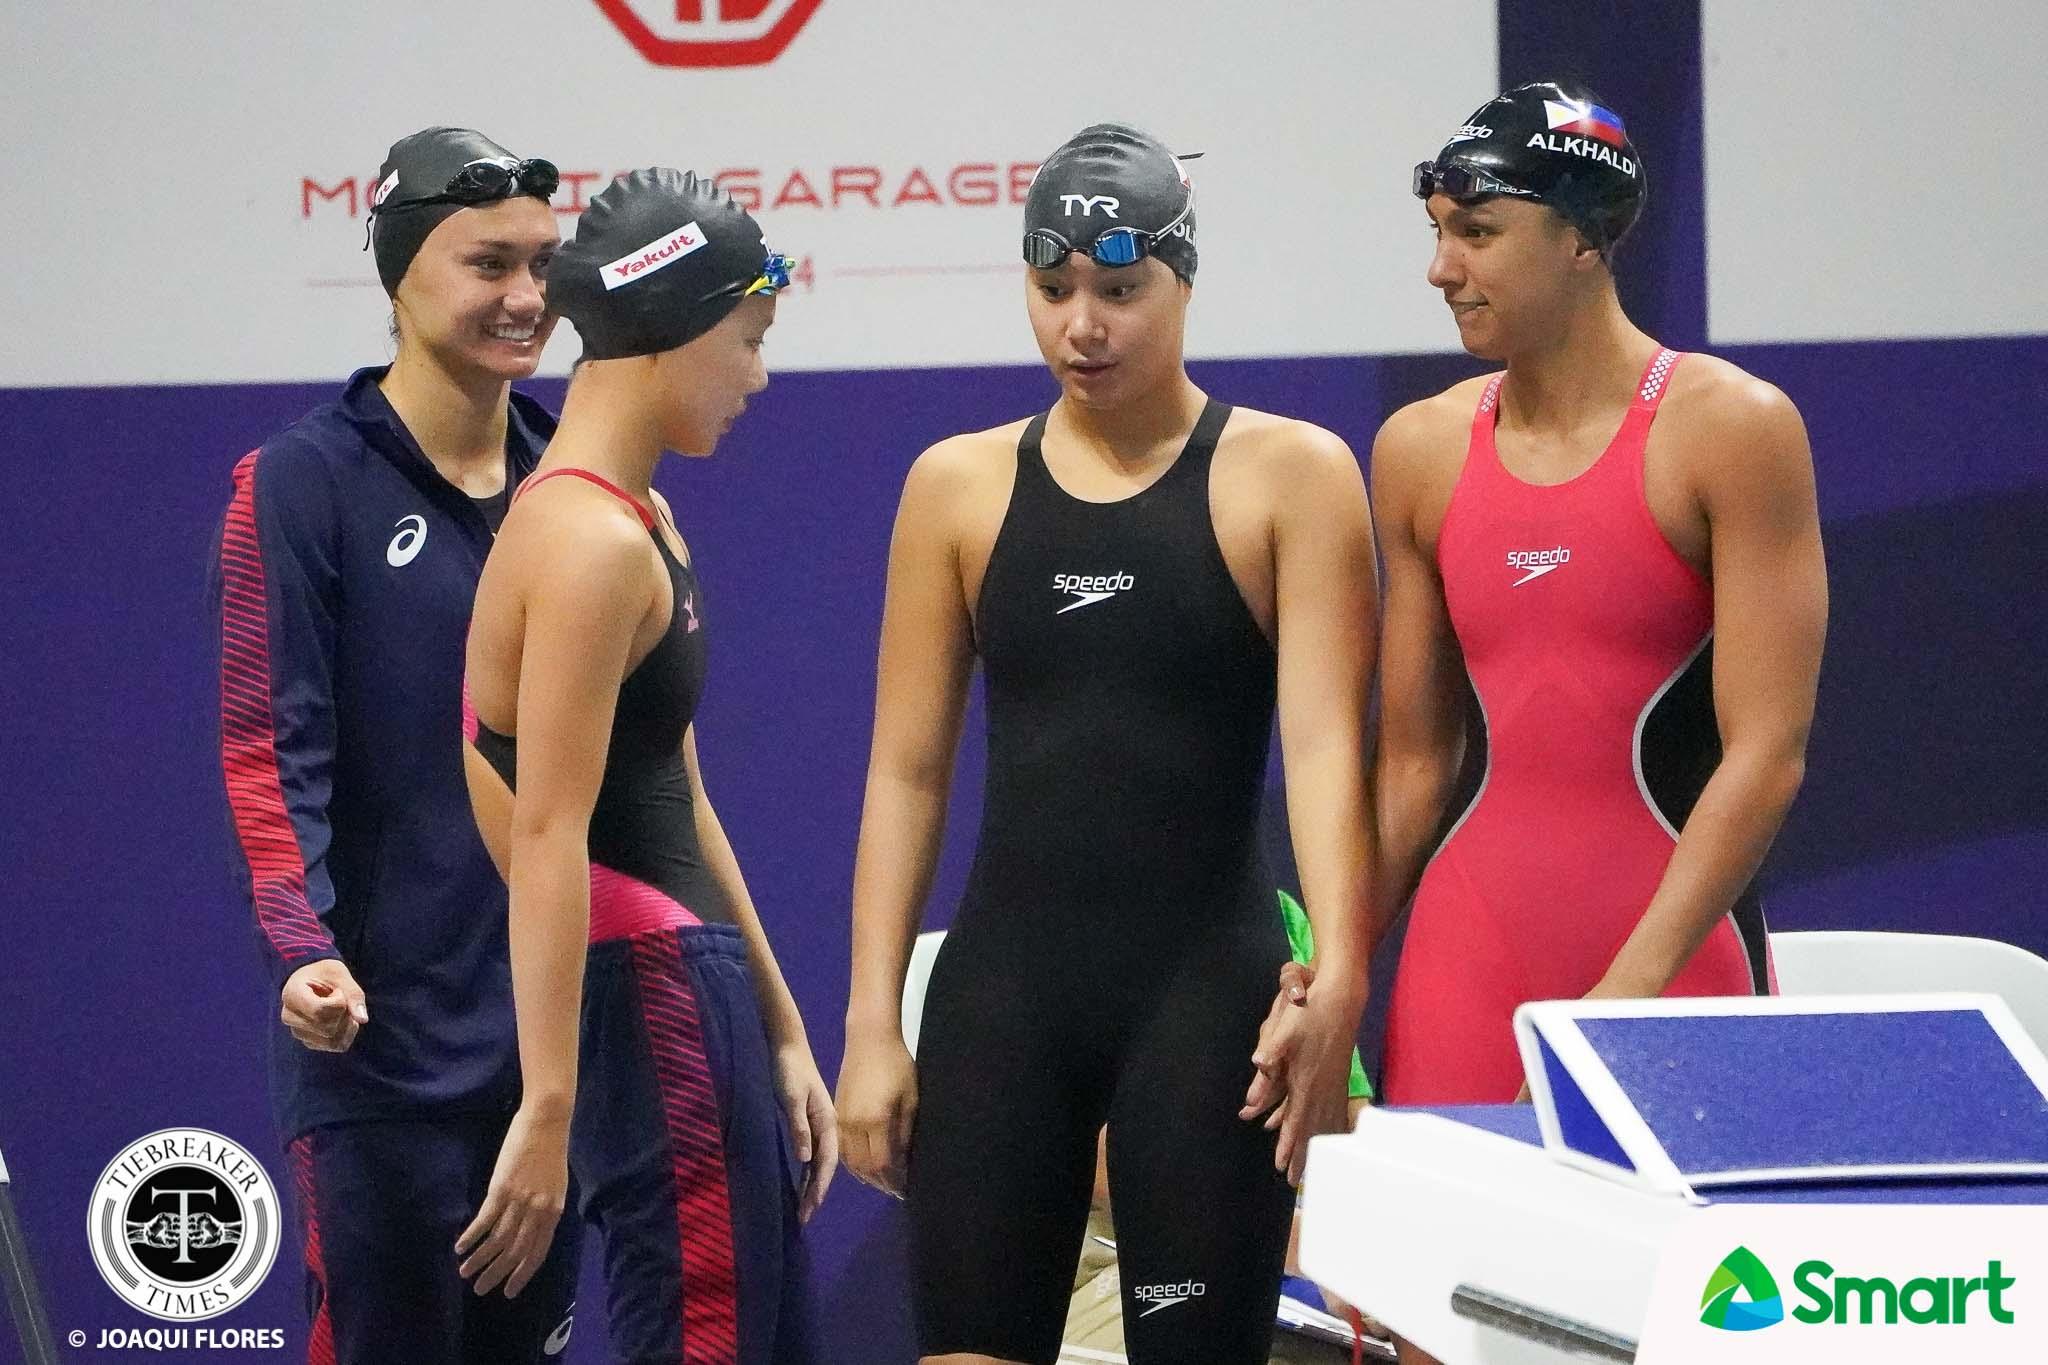 Tiebreaker Times Alkhaldi sets two PH records in SEAG swimming 2019 SEA Games News Swimming  Xiandi Chua Remedy Rule Nicole Oliva Jasmine Alkhaldi Chloe Isleta 2019 SEA Games - Swimming 2019 SEA Games